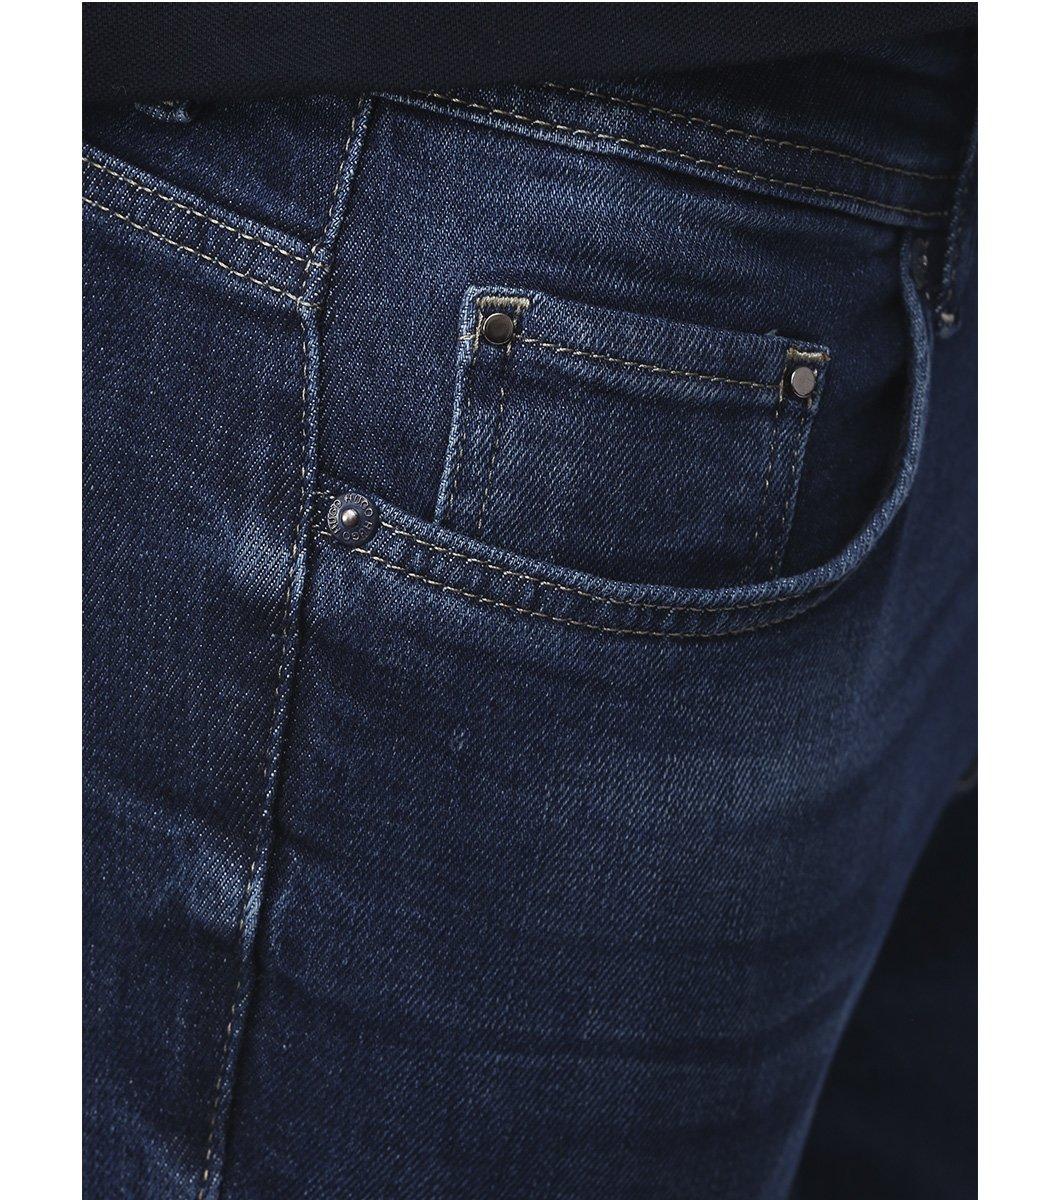 Cиние джинсы Hugo Boss 9120